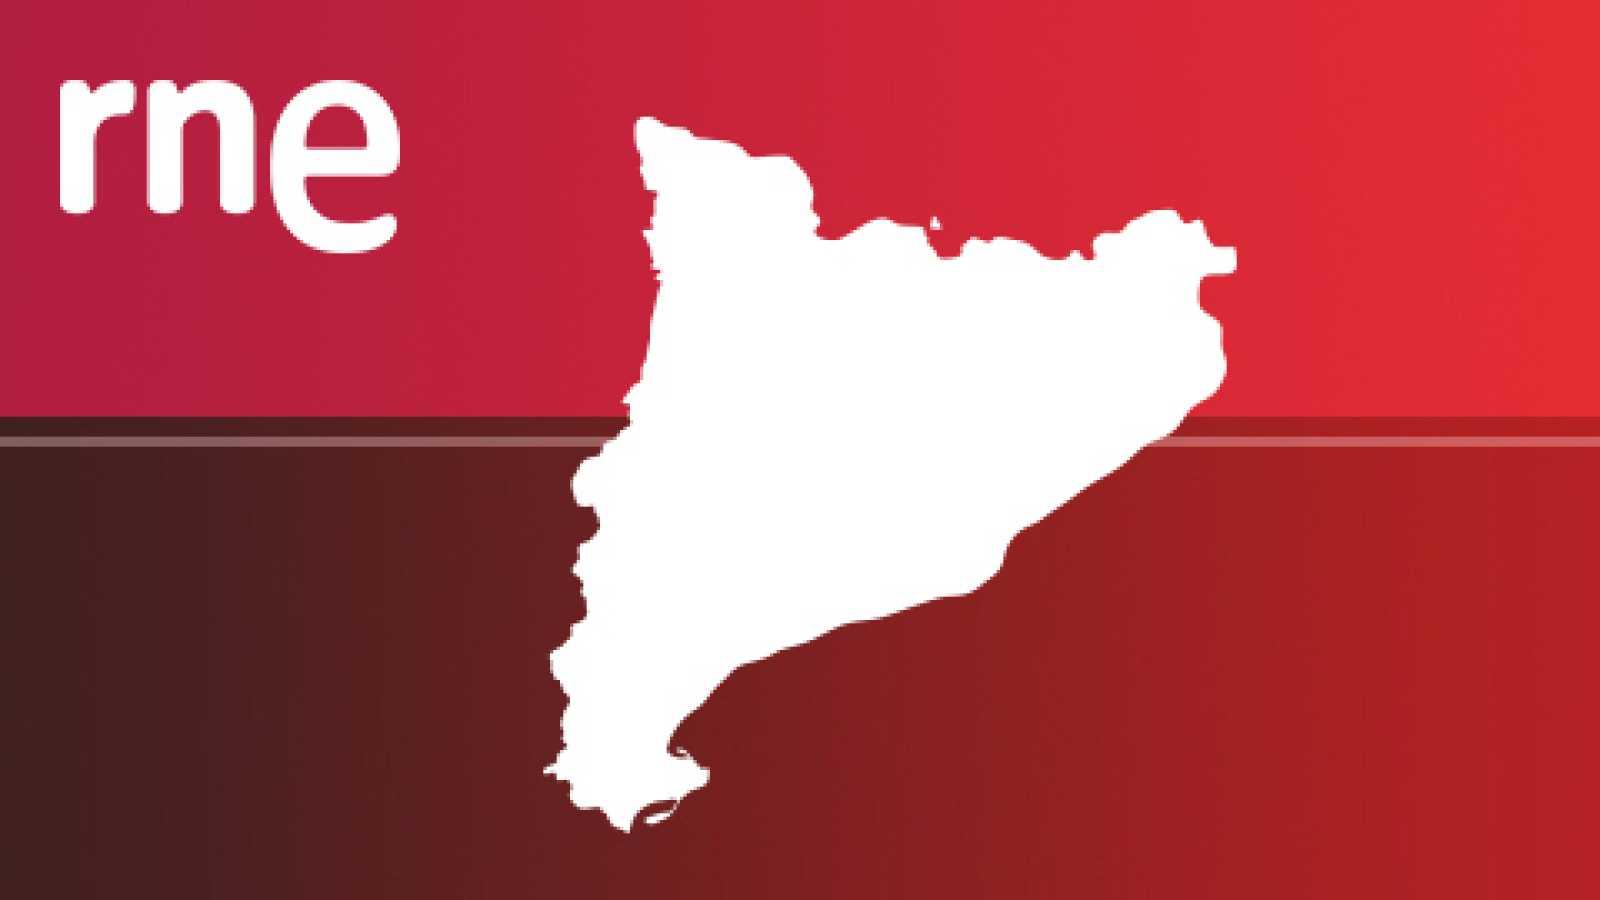 Edició matí Girona-Empitjoren els indicadors de la pandèmia